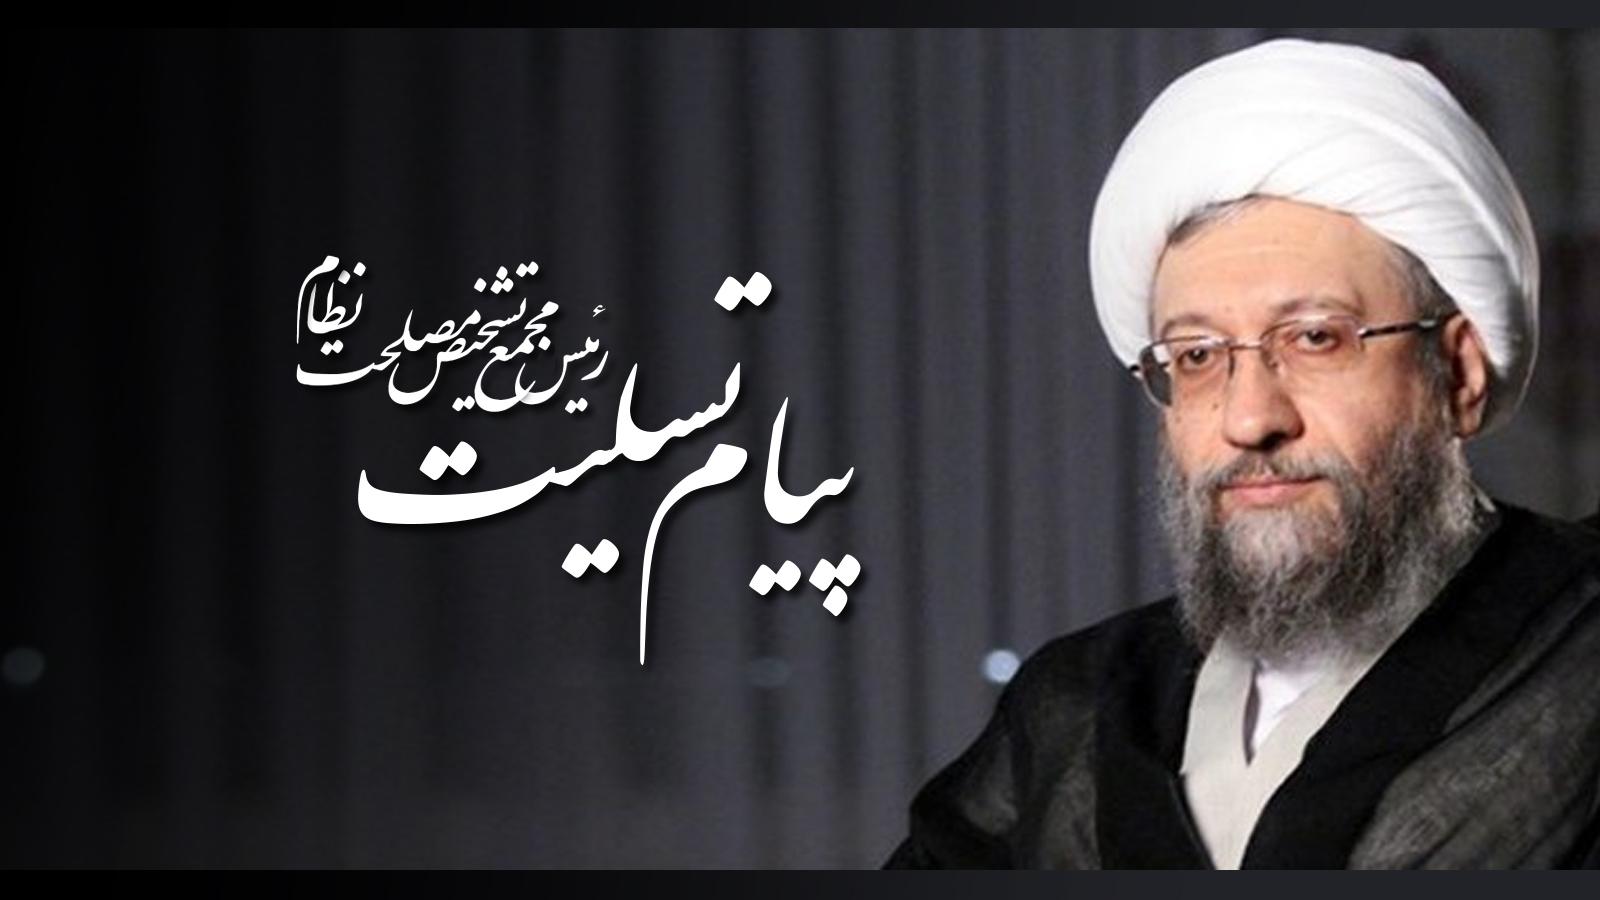 پیام تسلیت آیت الله آملی لاریجانی در پی درگذشت مادر دکتر وحیددستجردی